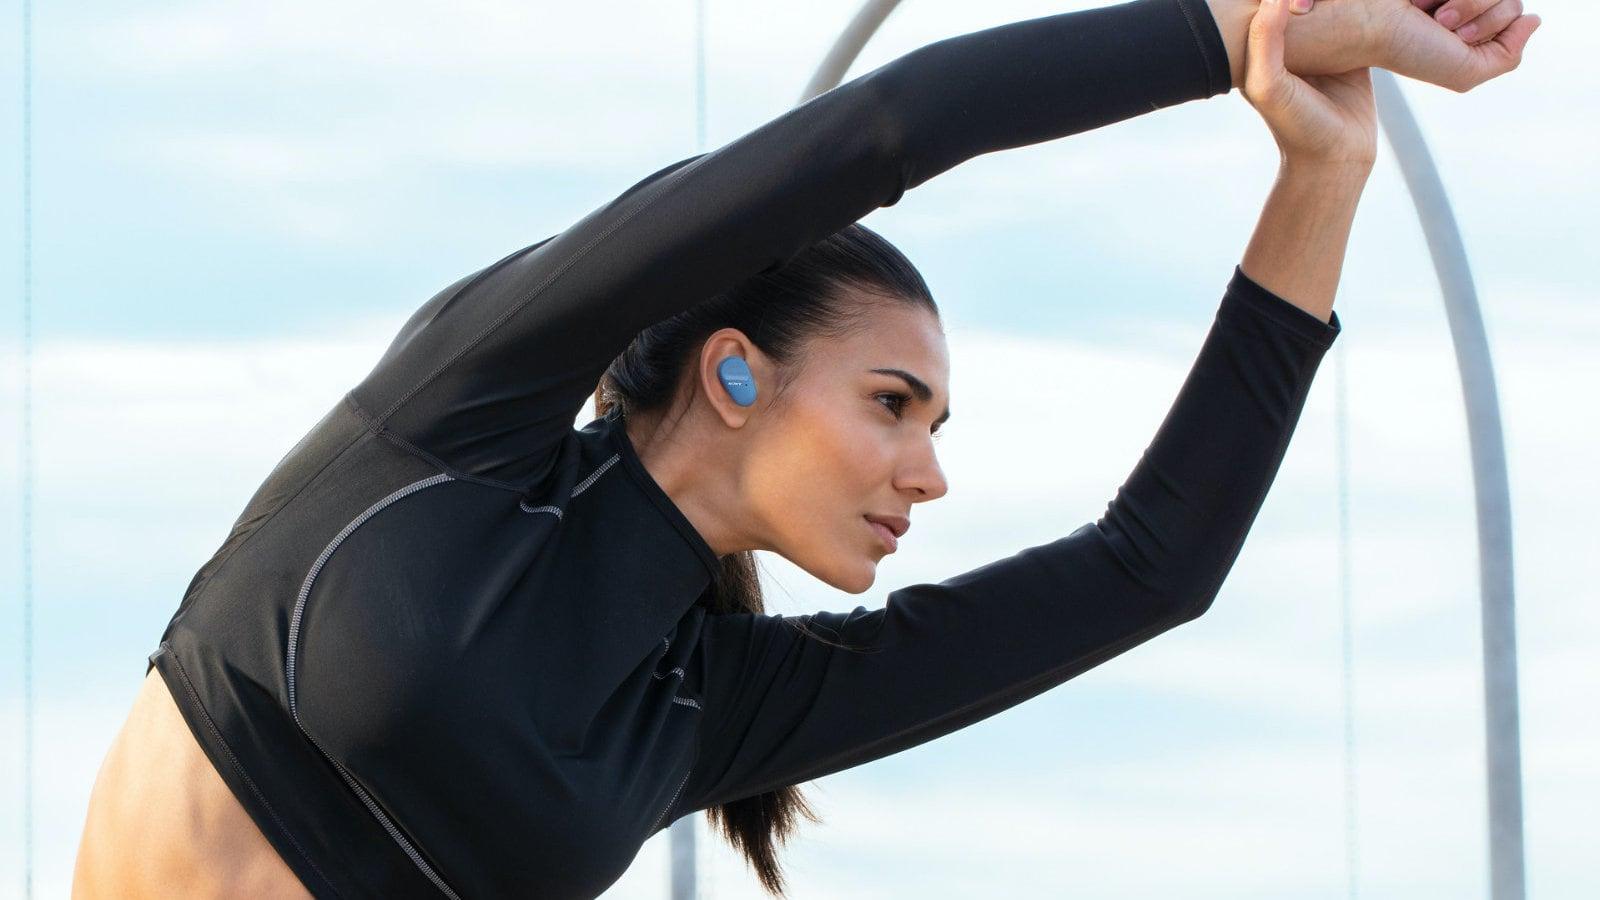 Sony WF-SP800N True Wireless Sport Earbuds